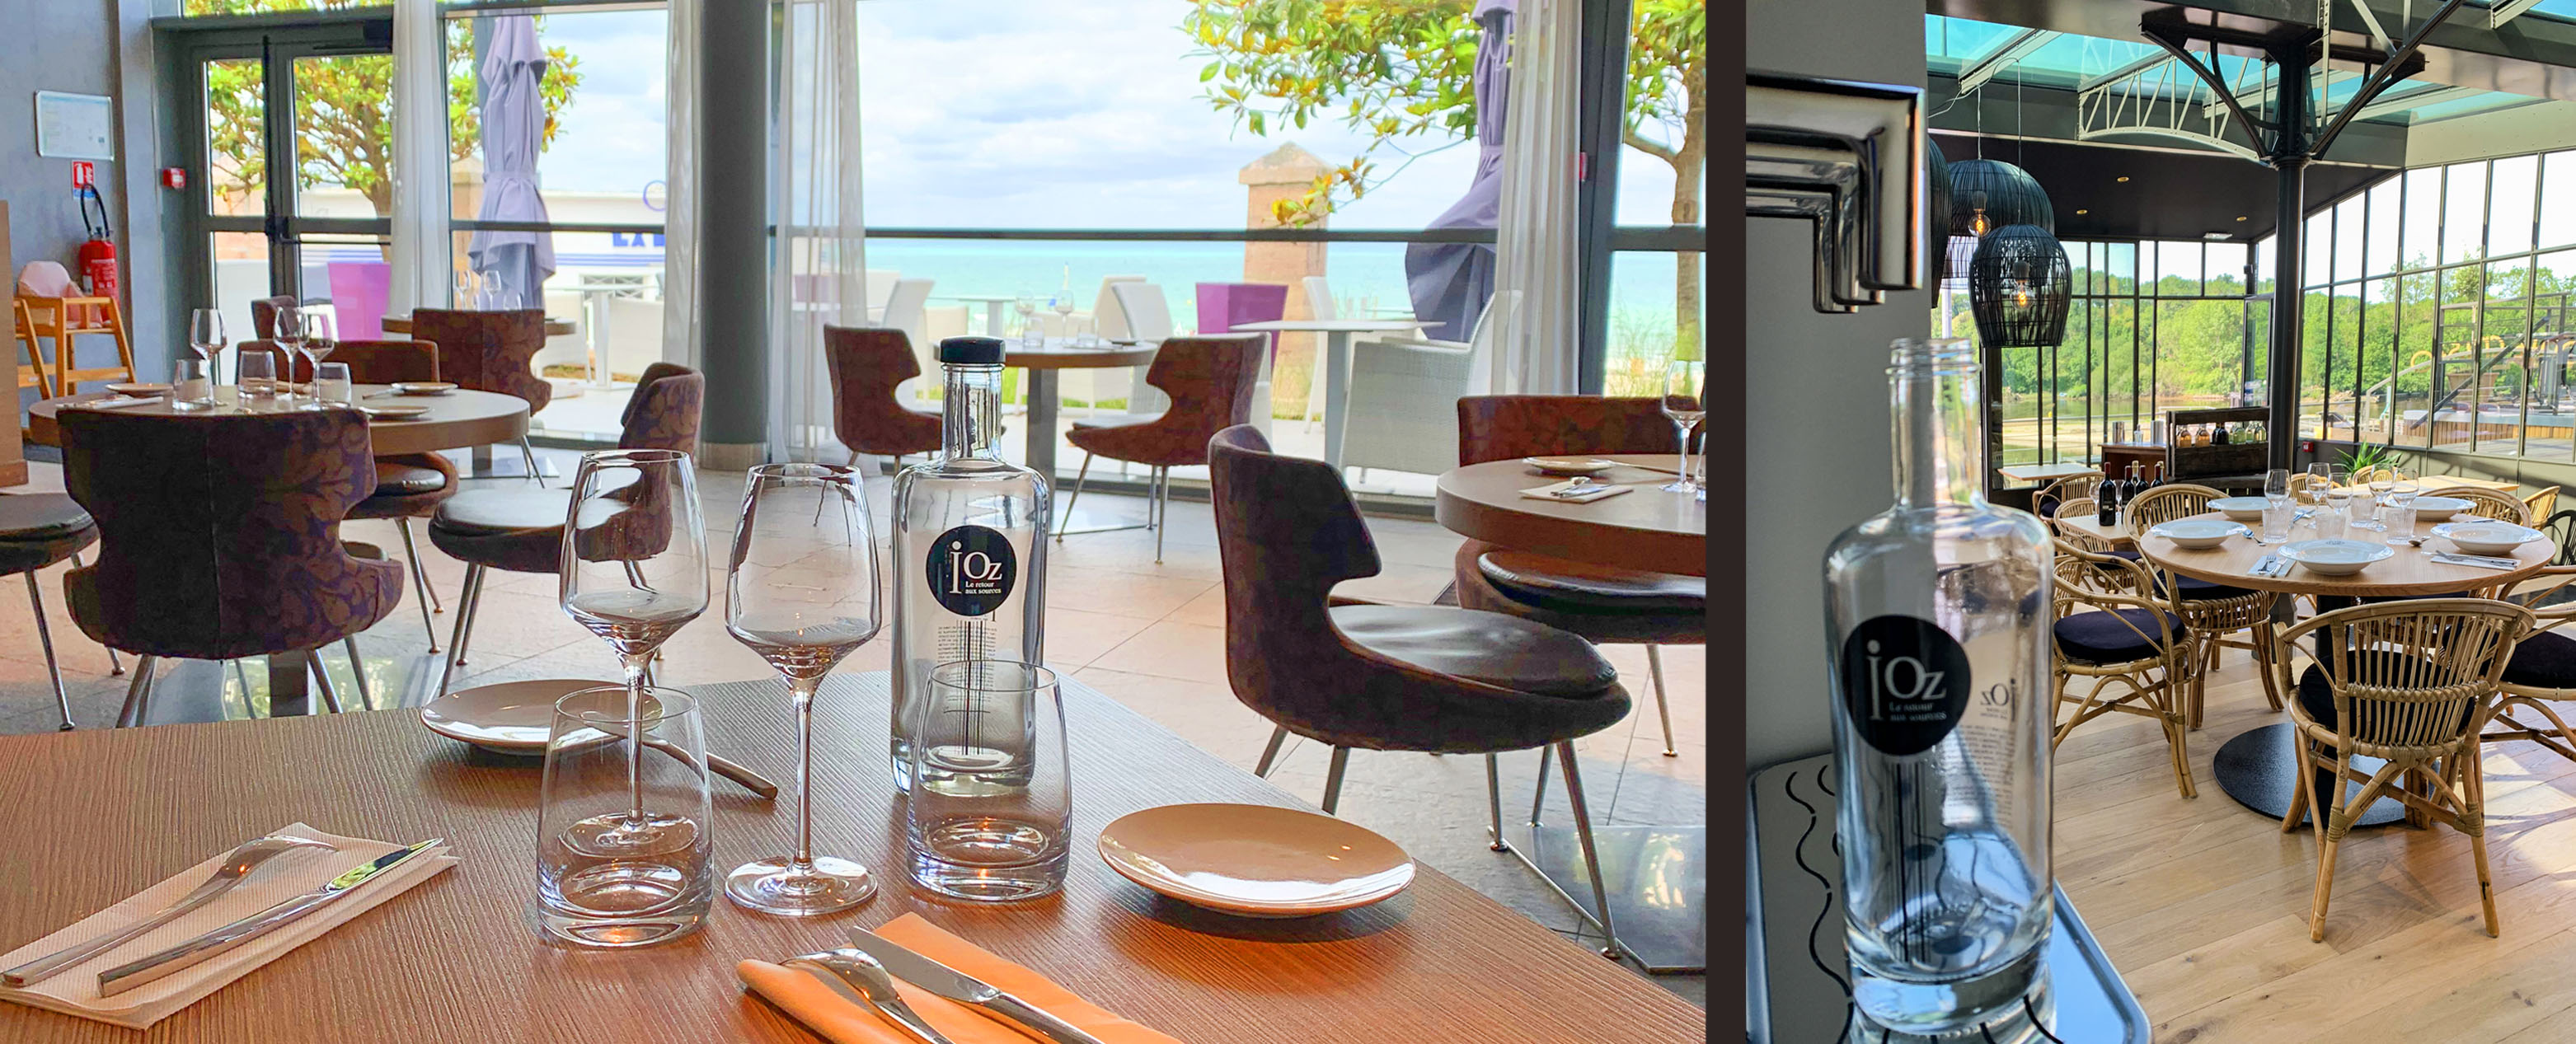 2 photos bouteilles iOZ au restaurant, une en plan large sur baie vitrée et une sur véranda